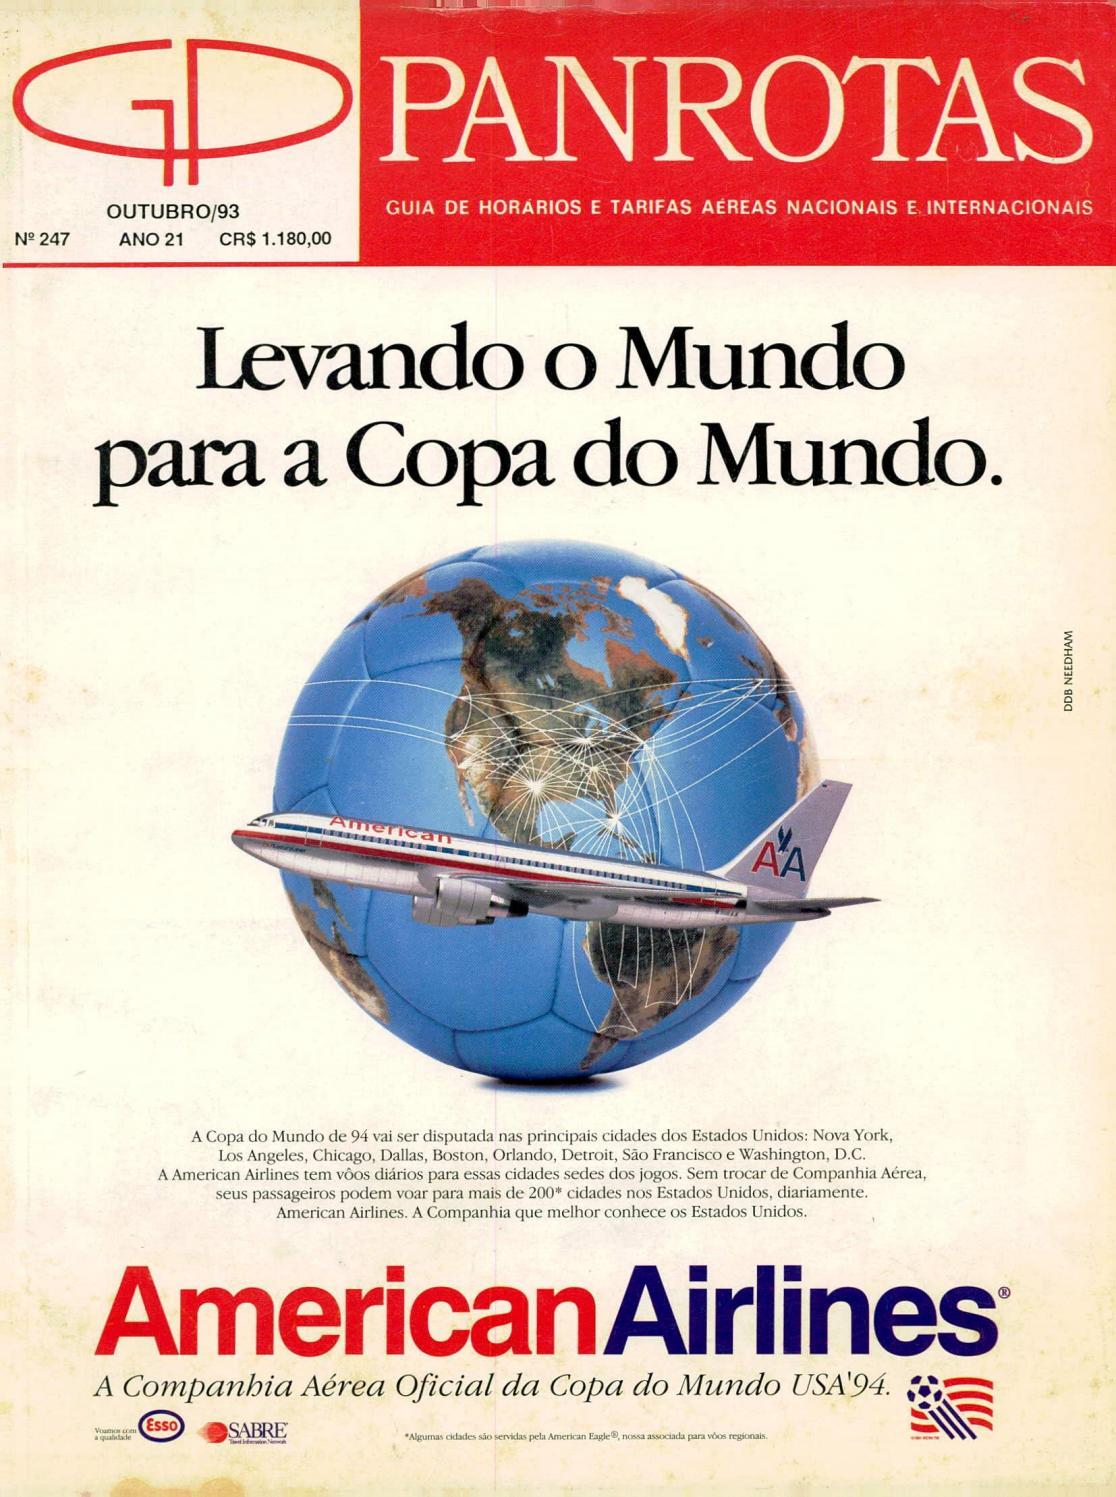 2e1a62361 Guia PANROTAS - Edição 247 - Outubro 1993 by PANROTAS Editora - issuu